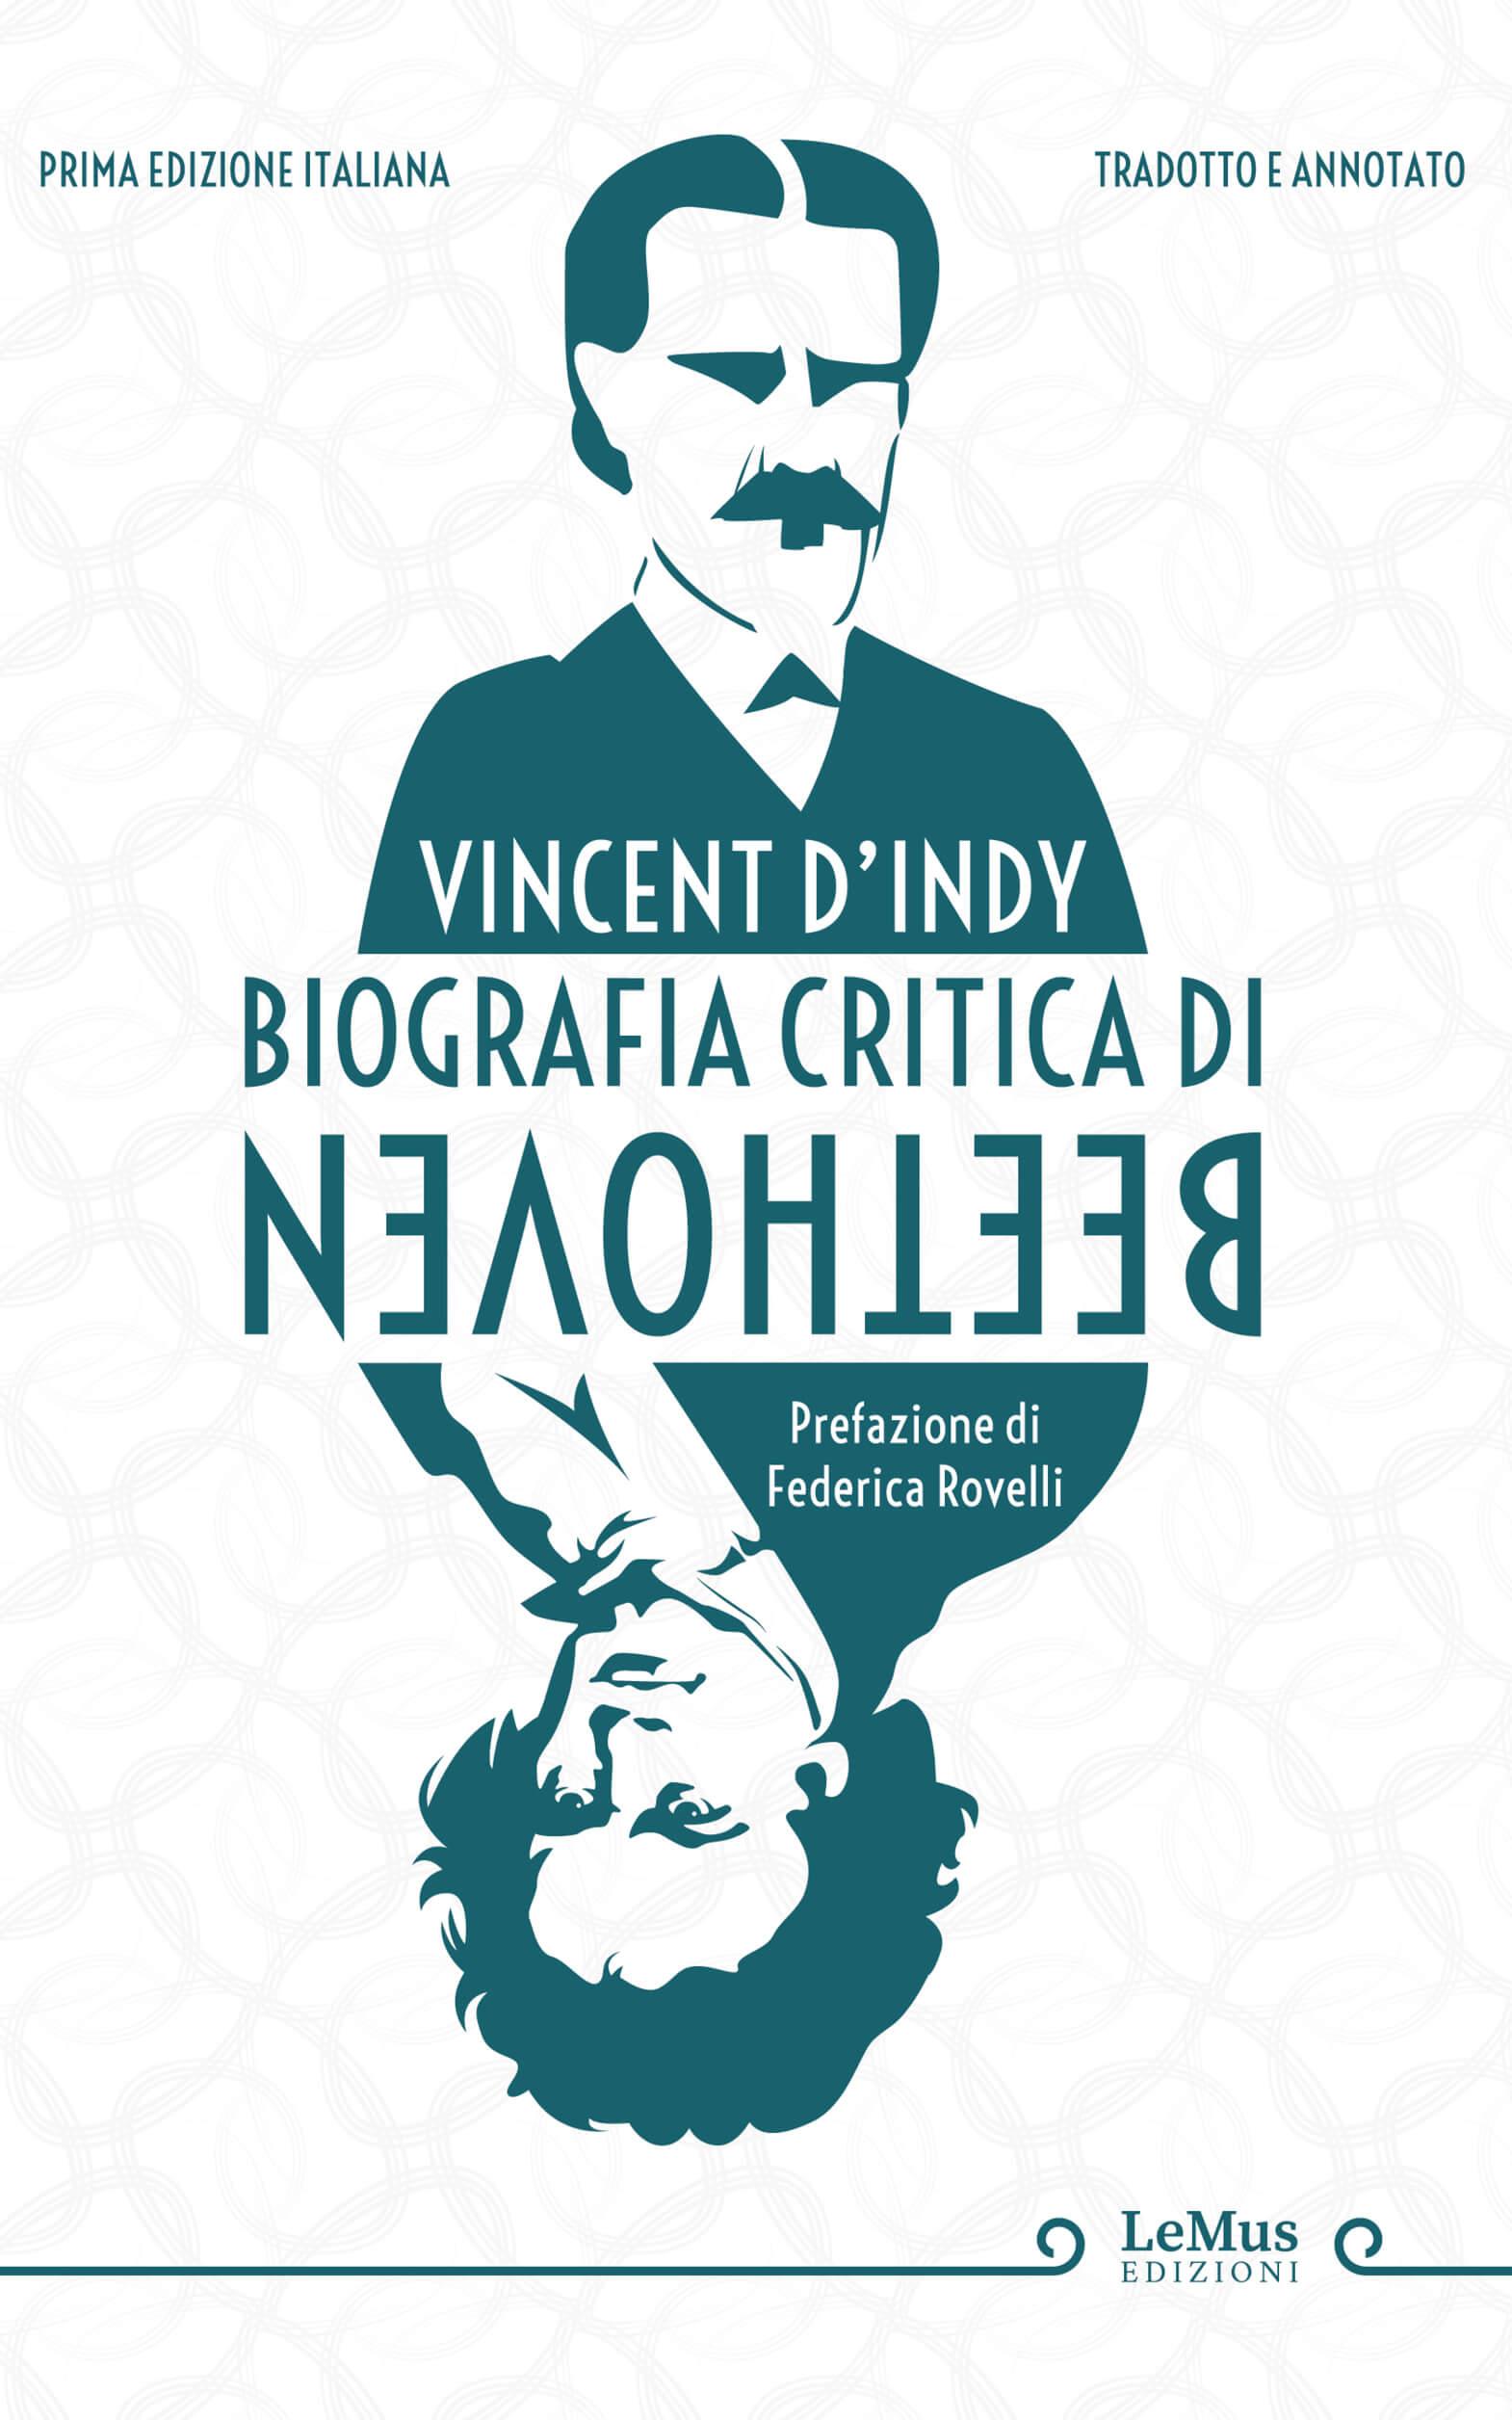 Biografia critica di Beethoven (Vincent D'Indy)